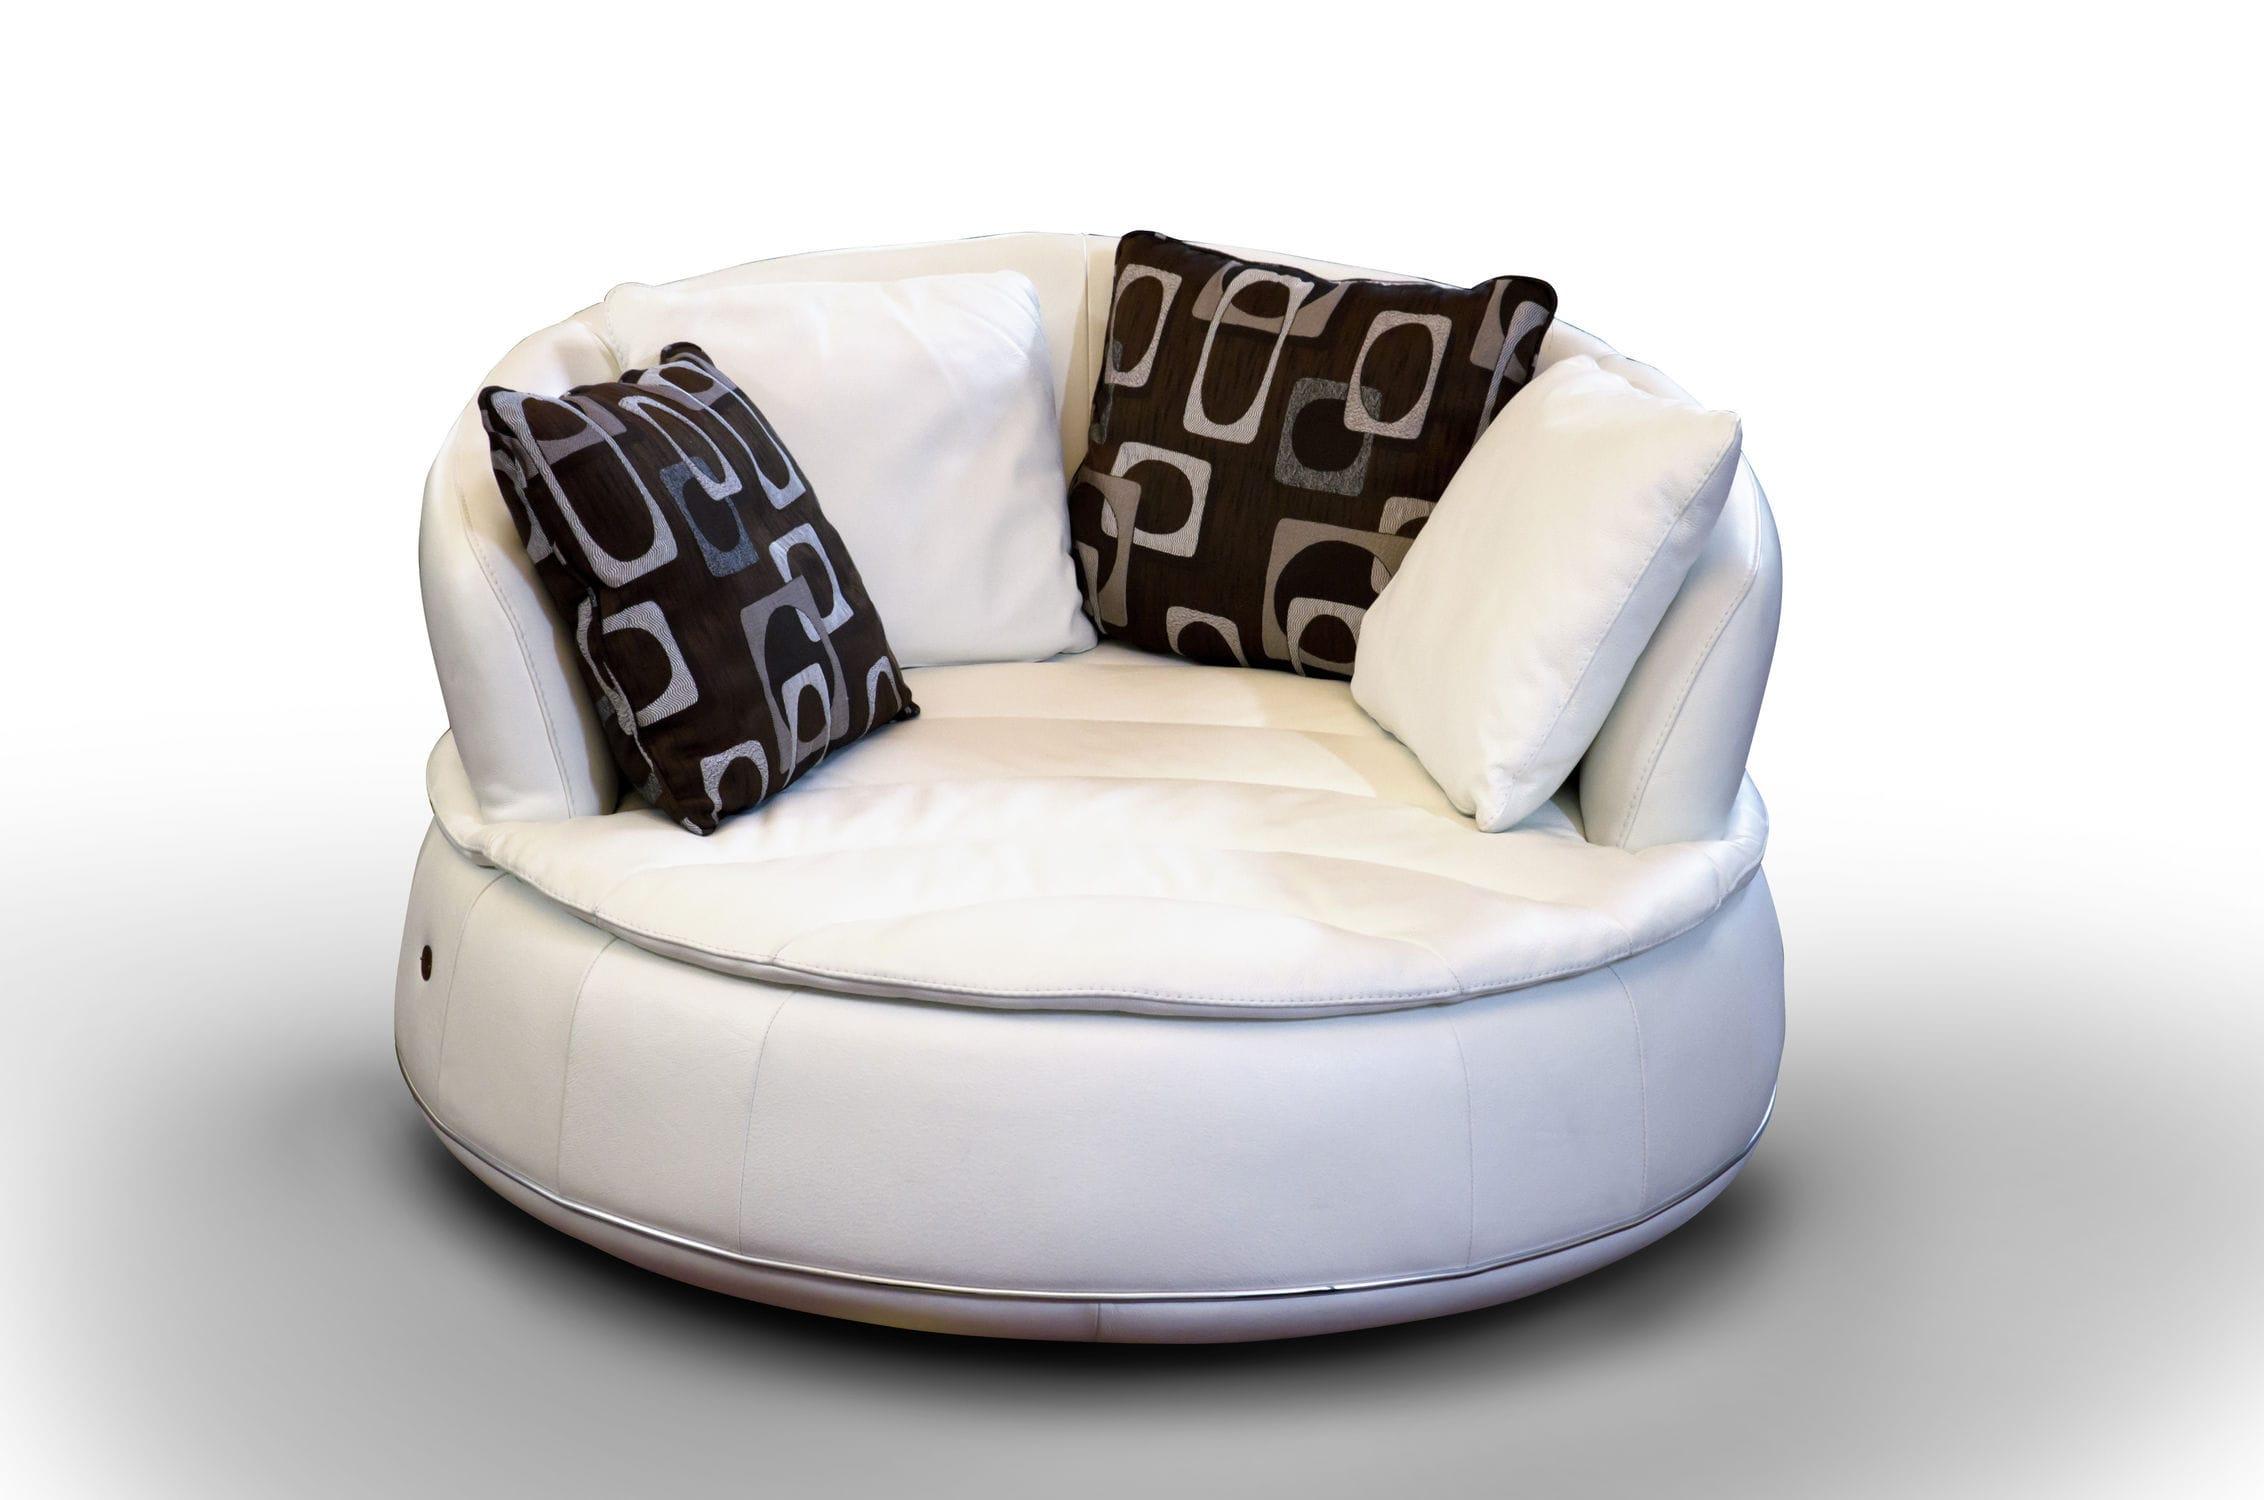 Full Size of Couch Rund Klein Sofa Rundy Design Oval Rundecke Leder Arundel Leather Bed Med Runde Former Dreamworks Chesterfield Form Mit Verstellbarer Sitztiefe Bezug Sofa Sofa Rund